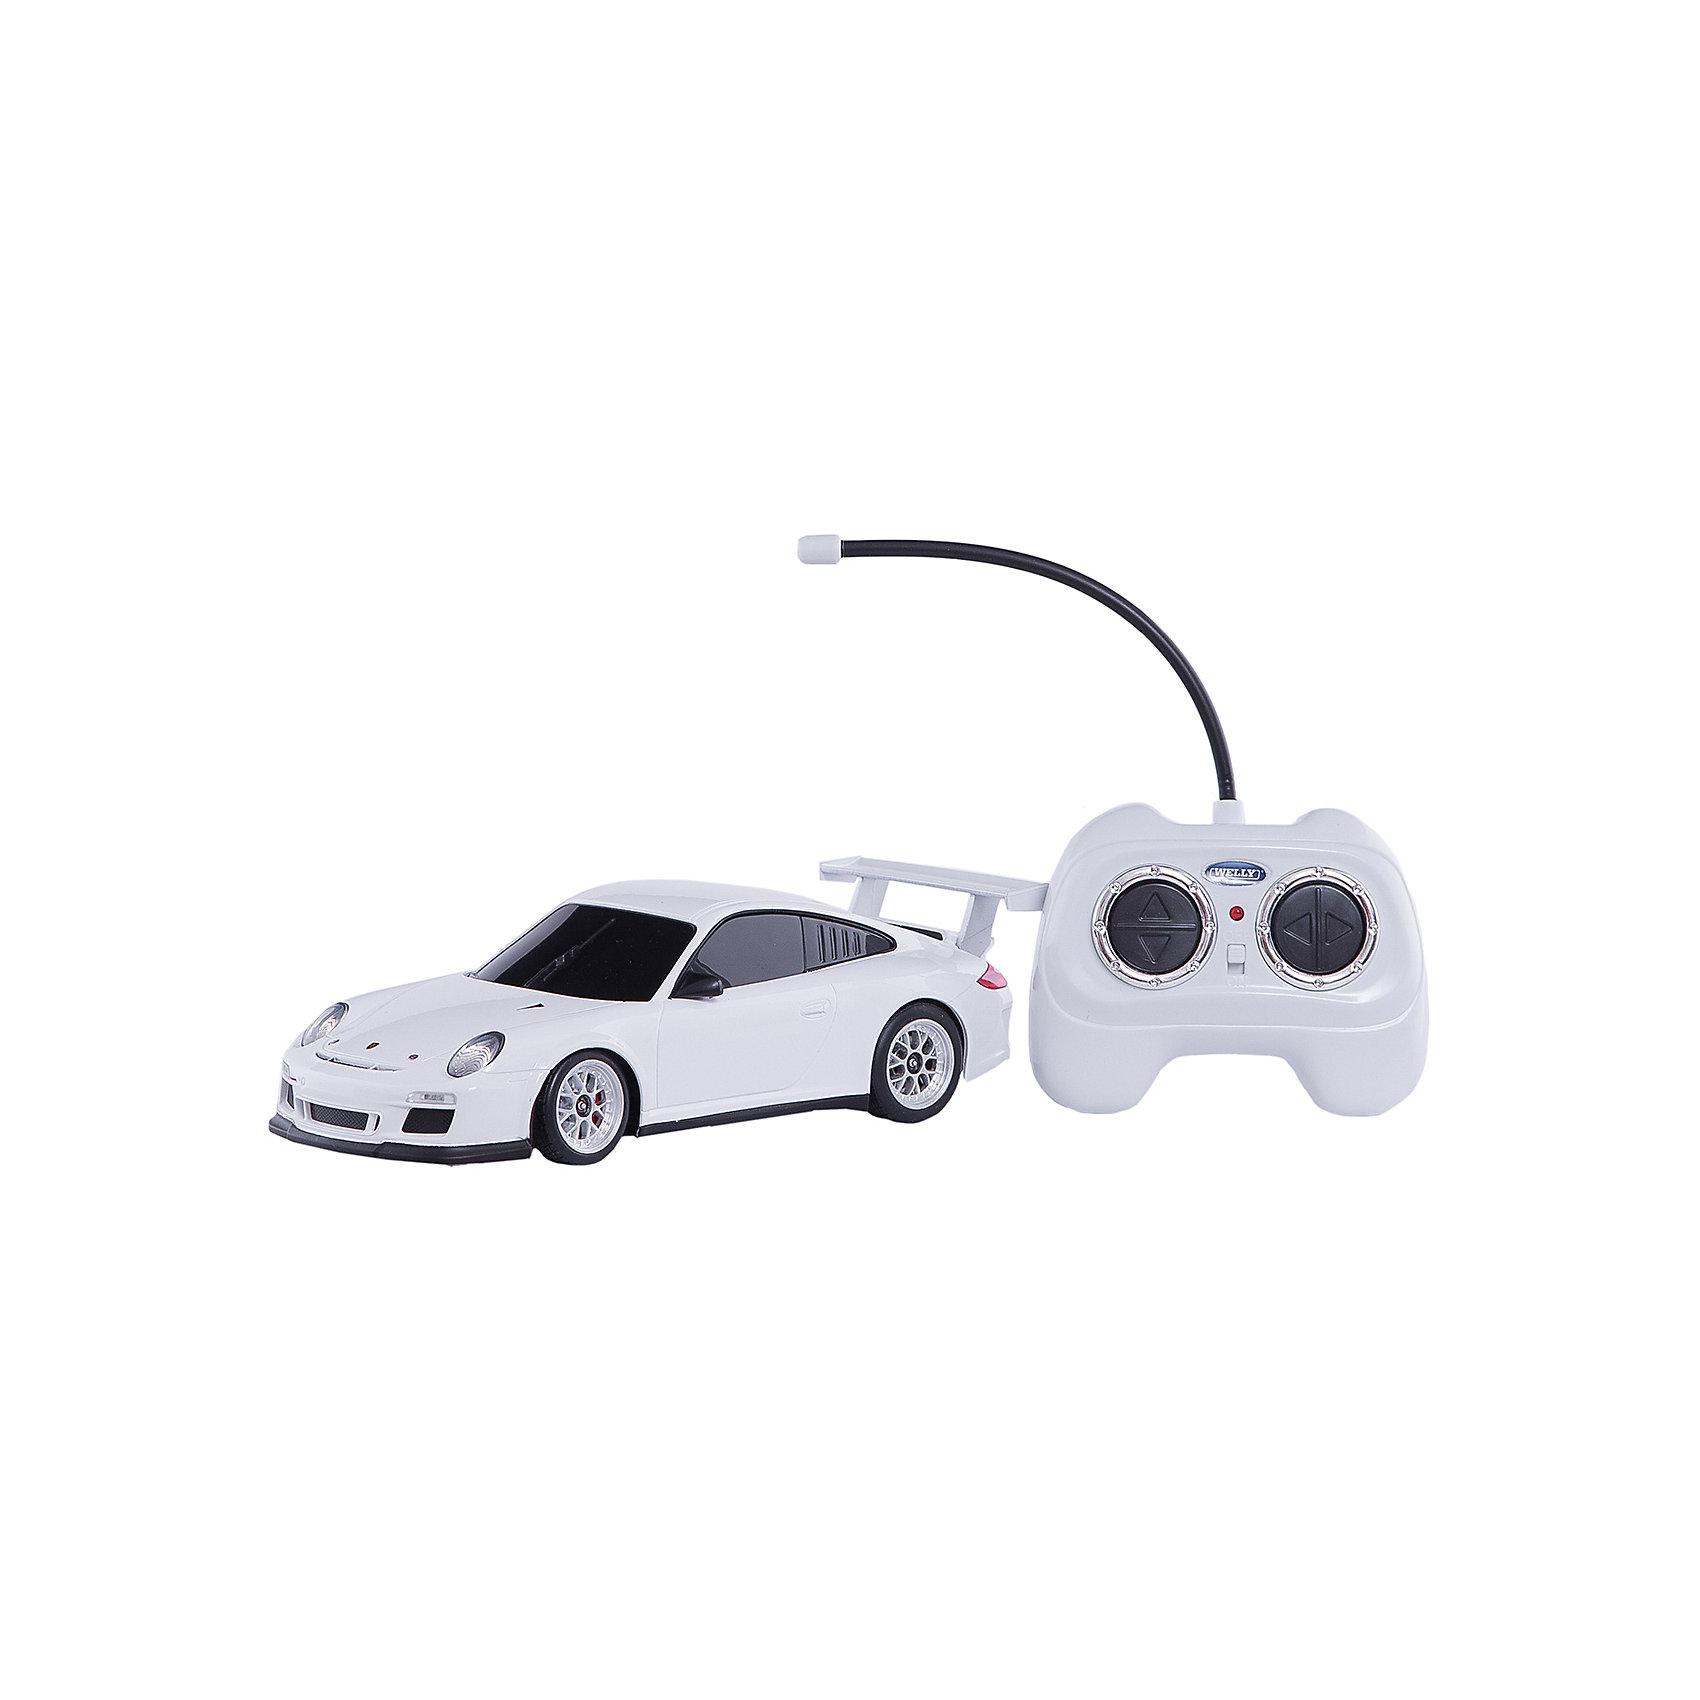 Welly Модель машины 1:24 Porsche 911 GT3 Cup, р/у, Welly welly модель машины 1 24 aston martin v12 vantage welly